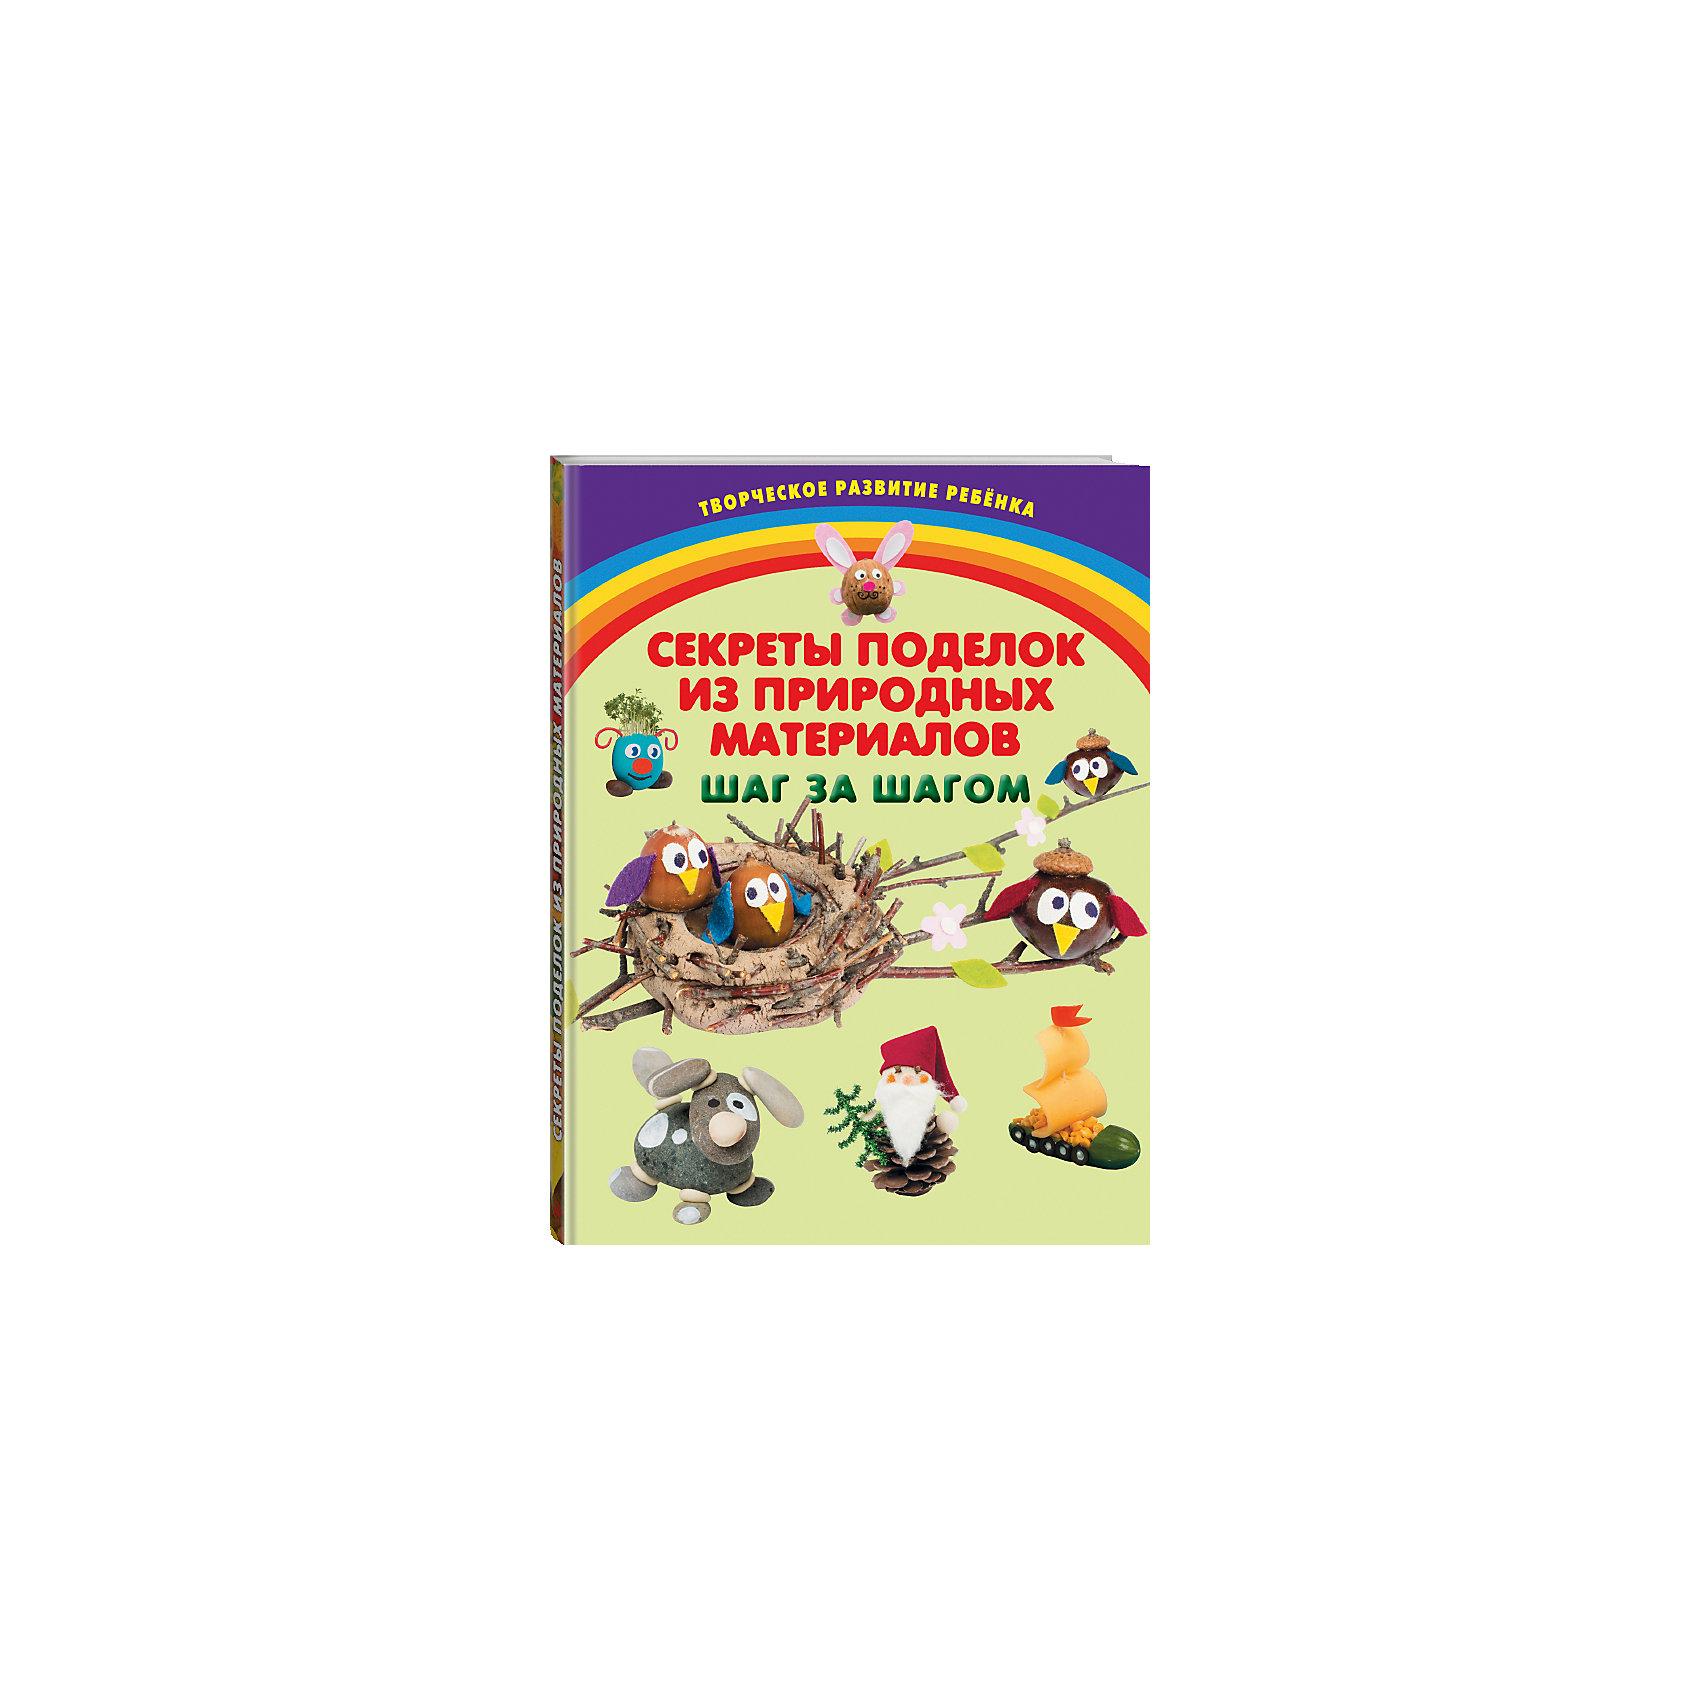 Секреты поделок из природных материалов, Шаг за шагомКнига создана специально для самых маленьких деток! Ее основная цель  - помочь родителям развить творческие способности ребенка, мелкую моторику рук, мышление, воображение, внимание, память, усидчивость и фантазию.<br>Не сразу, постепенно, шаг за шагом ребенок сможет самостоятельно делать разные поделки из природных материалов. Книга содержит наглядные и простые инструкции, пошаговые фотографии.<br><br>Дополнительная информация:<br><br>- Автор: Карленок Инна Викторовна.<br>- Переплет: твердый.<br>- Тип иллюстраций: фотографии цветные.<br>- Кол-во страниц: 64<br>- Год выпуска: 2014<br>- ISBN: 978-5-699-69559-1<br>- Размер упаковки: 22х29,7х1 см.<br>- Вес в упаковке: 540 г.<br><br>Купить книгу Секреты поделок из природных материалов, Шаг за шагом  можно в нашем магазине.<br><br>Ширина мм: 220<br>Глубина мм: 290<br>Высота мм: 10<br>Вес г: 540<br>Возраст от месяцев: 48<br>Возраст до месяцев: 72<br>Пол: Унисекс<br>Возраст: Детский<br>SKU: 4809948